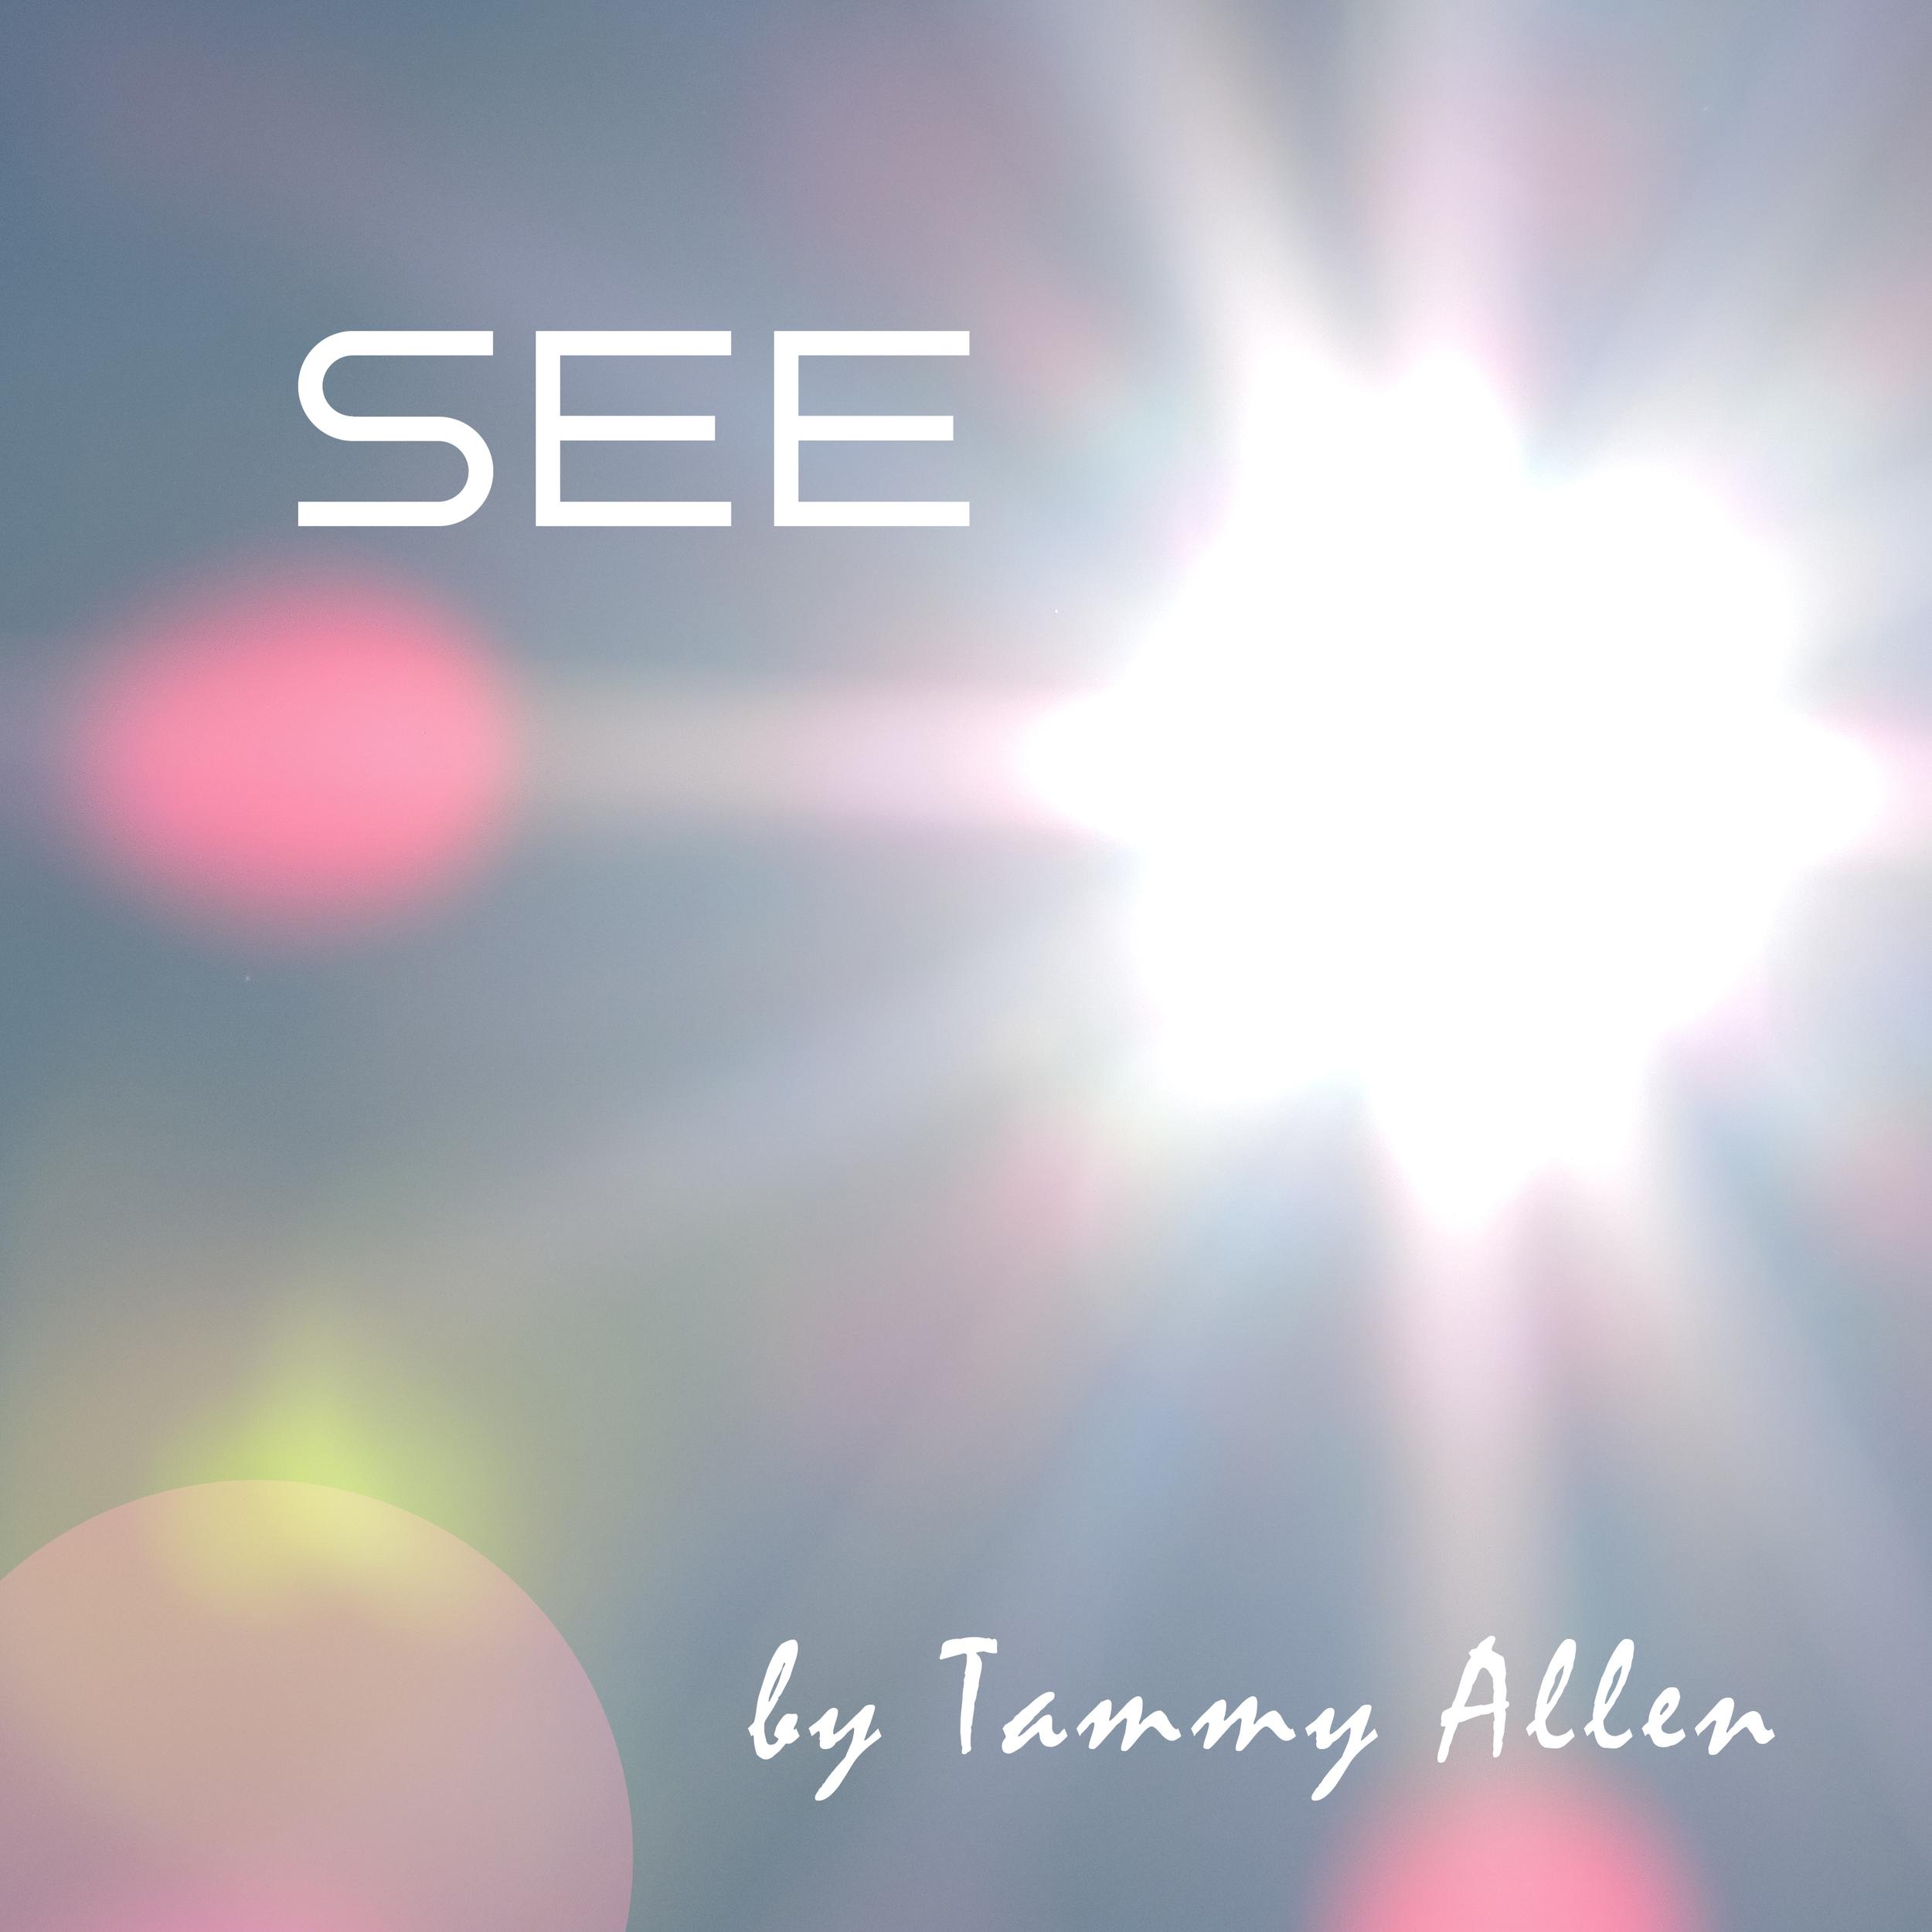 See - Tammy Allen